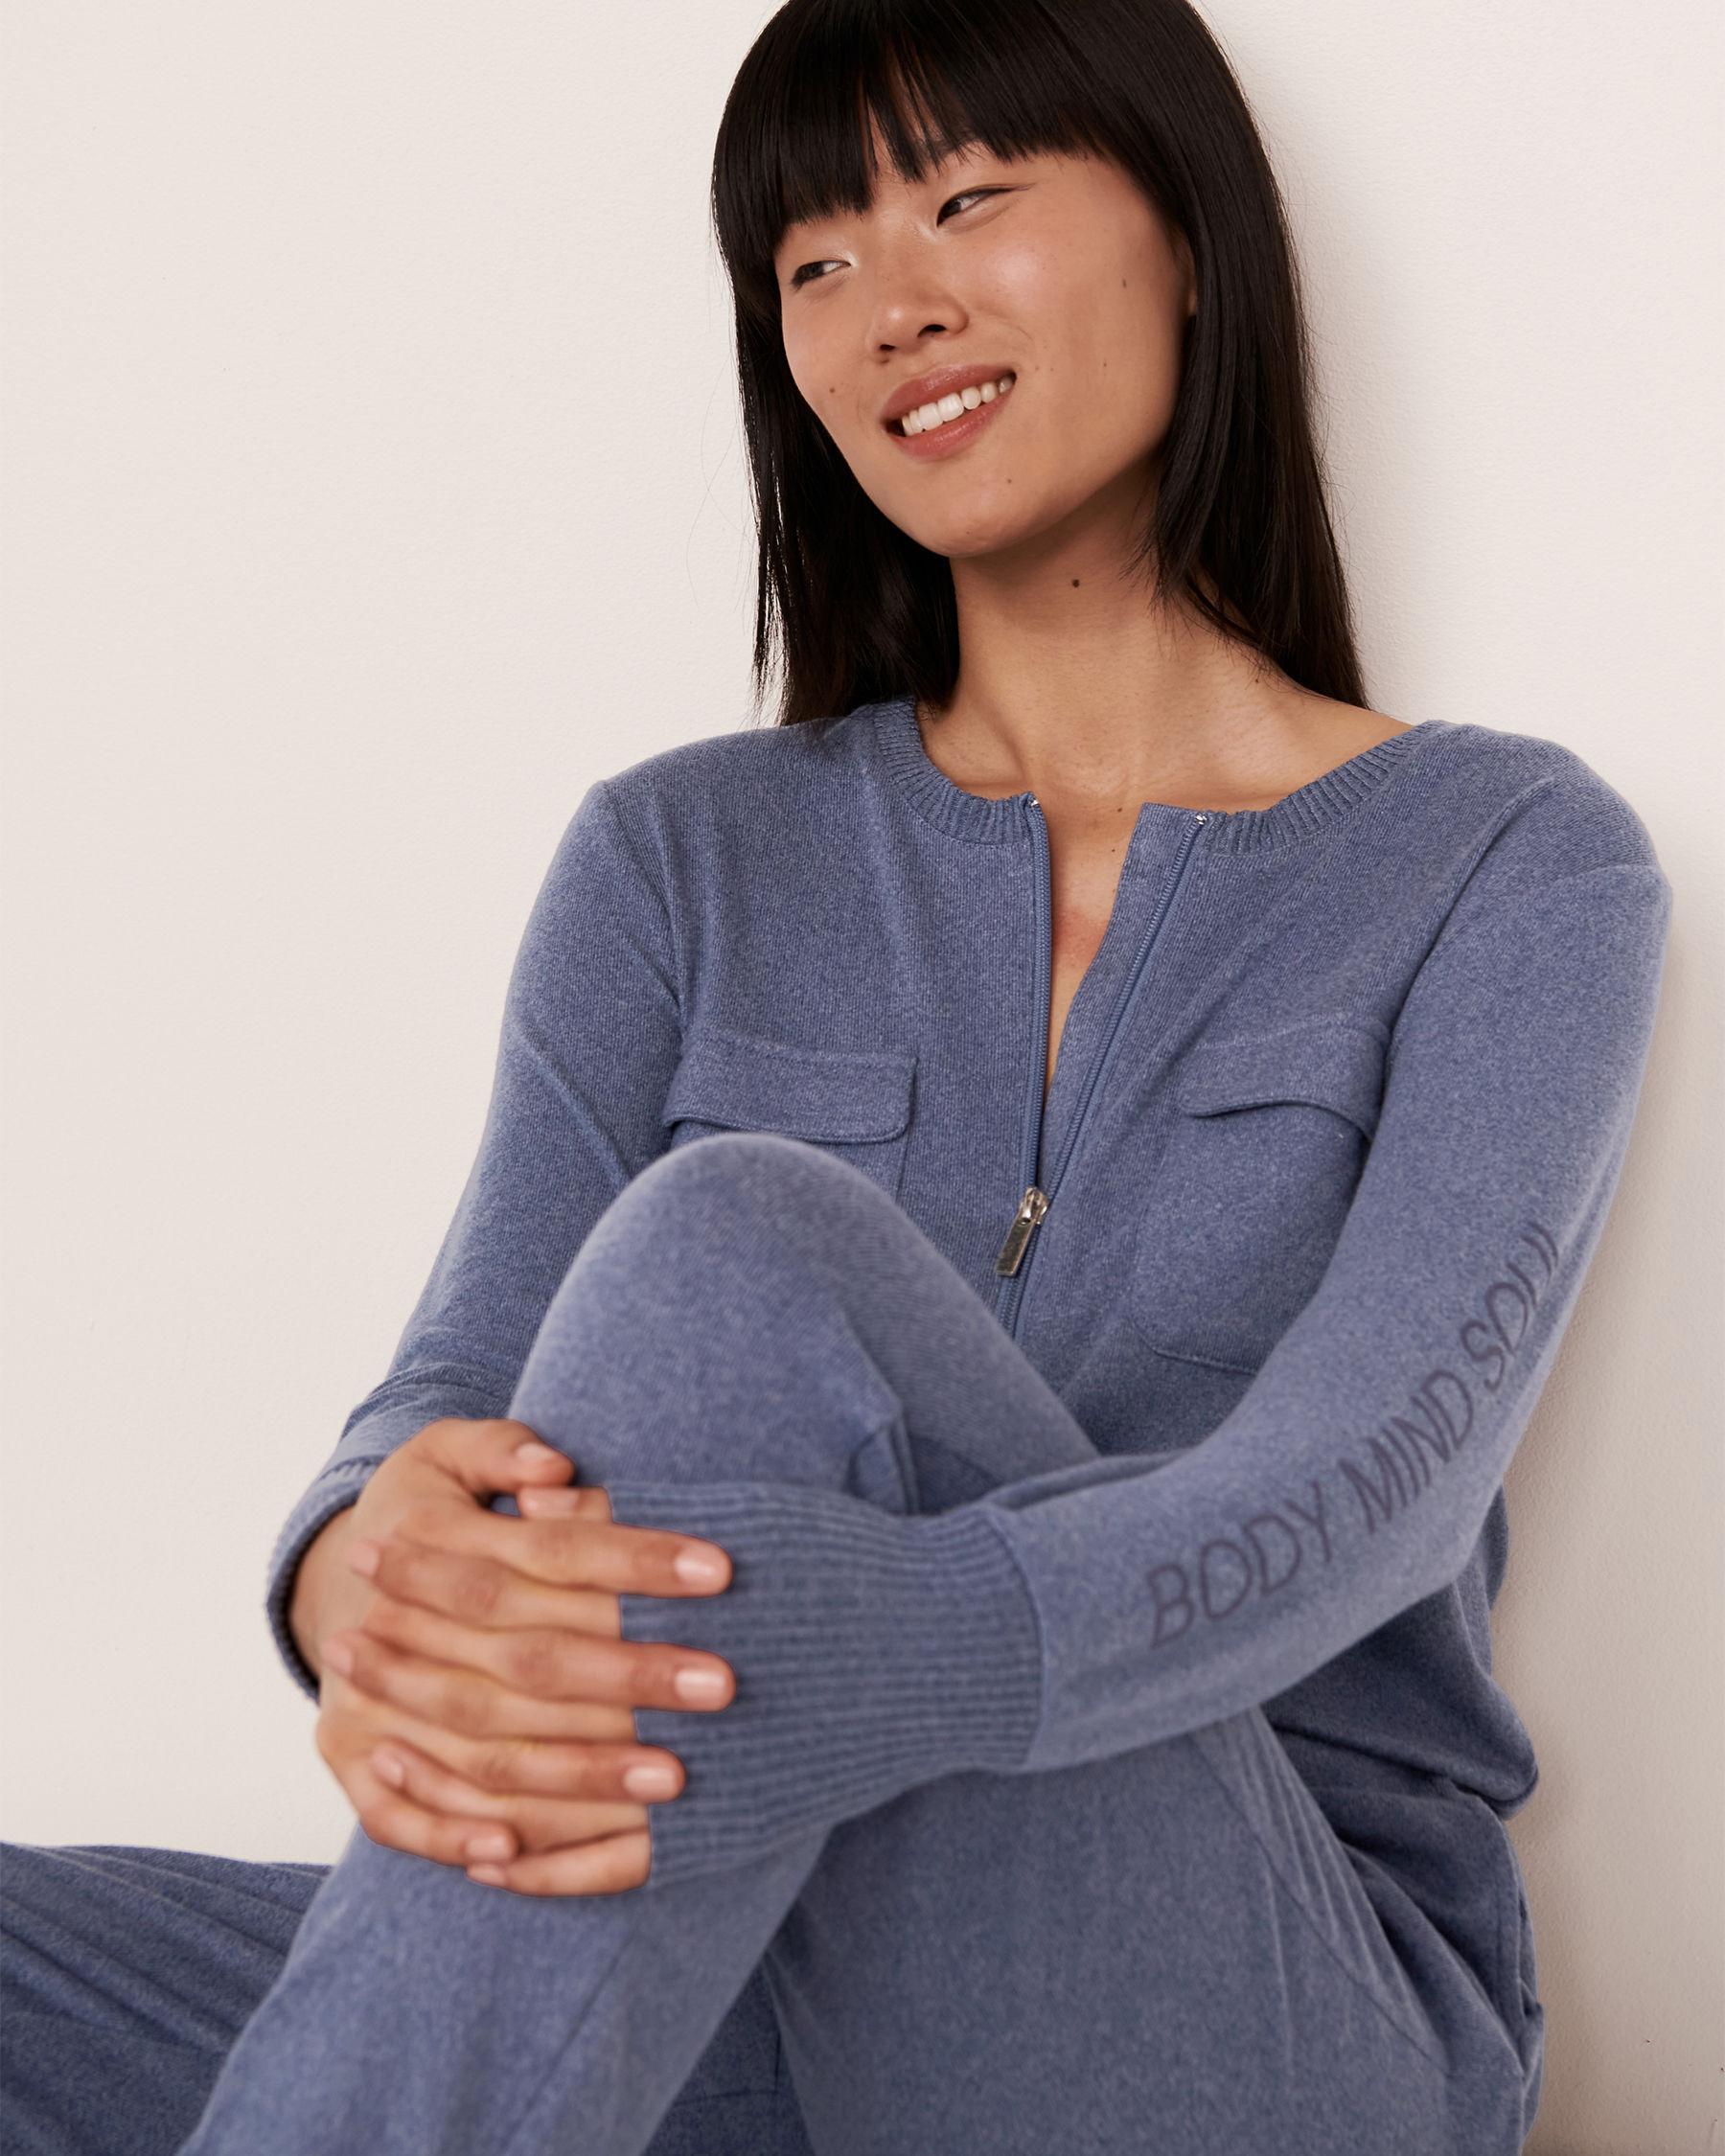 LA VIE EN ROSE Combinaison longue fermeture éclair en tricot doux Mélange bleu jeans 50300004 - Voir1